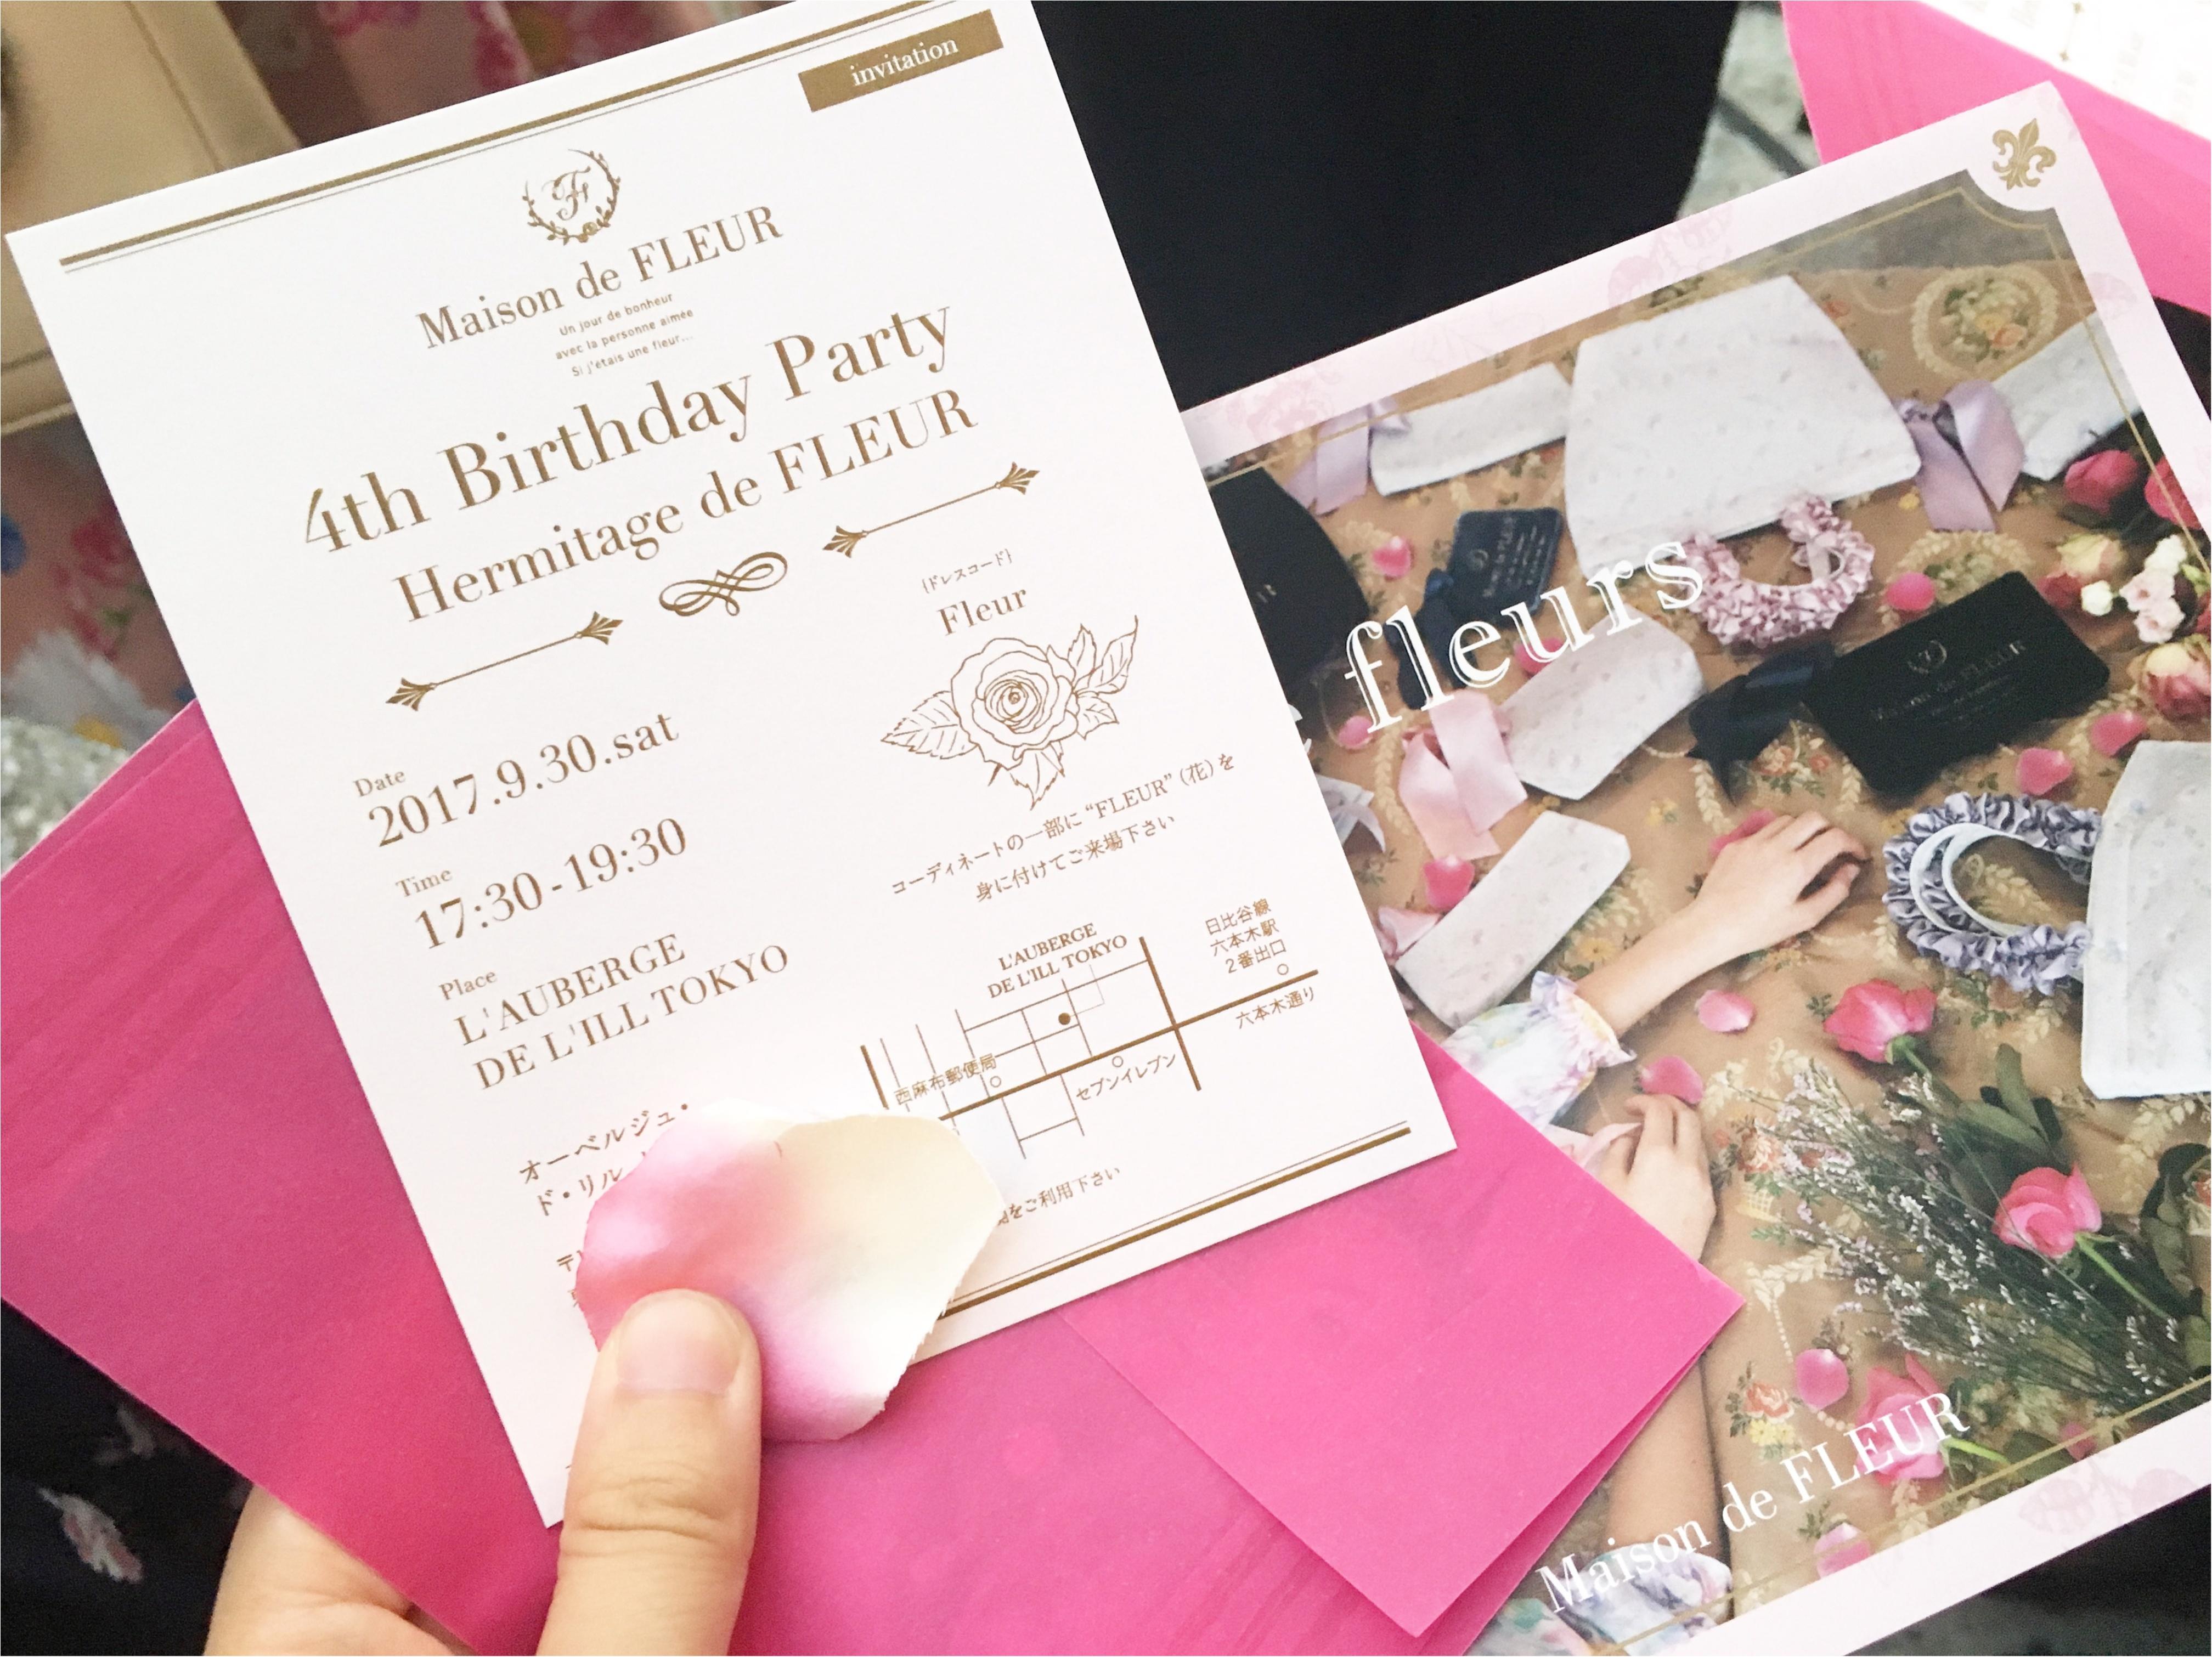 《Maison de FLEUR 4th Birthday Party.》メゾンドフルールの4周年パーティ♡私達、このピンクの世界を愛してる!♡♡_2